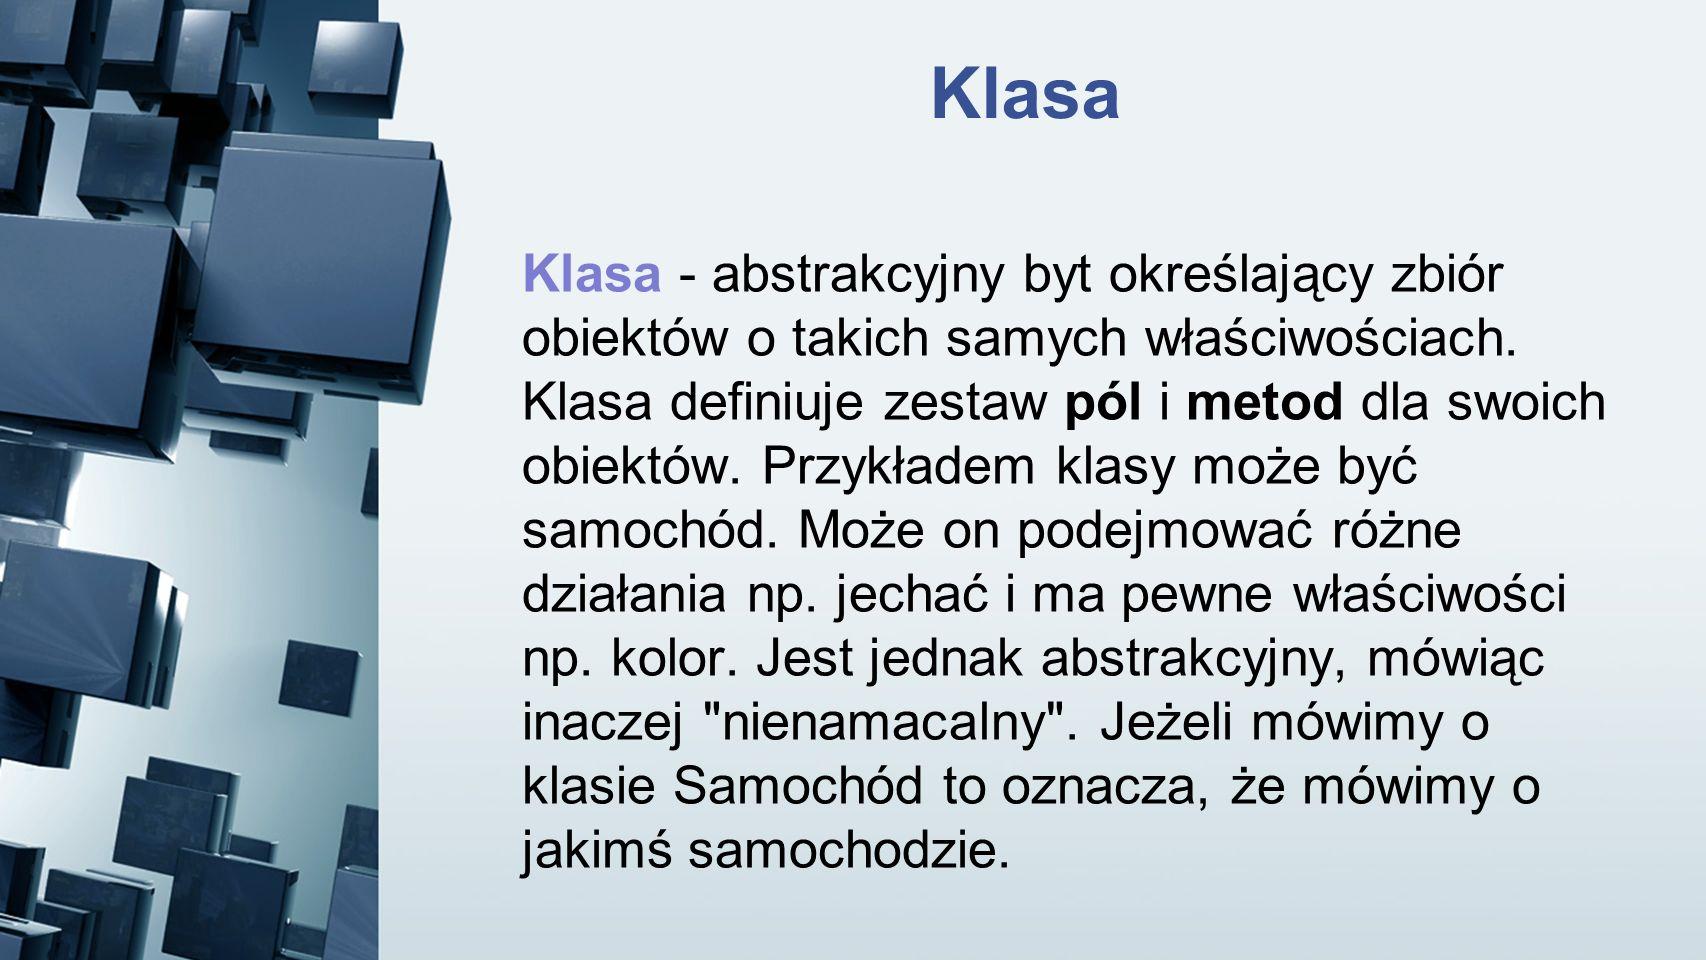 Klasa Klasa - abstrakcyjny byt określający zbiór obiektów o takich samych właściwościach. Klasa definiuje zestaw pól i metod dla swoich obiektów. Przy